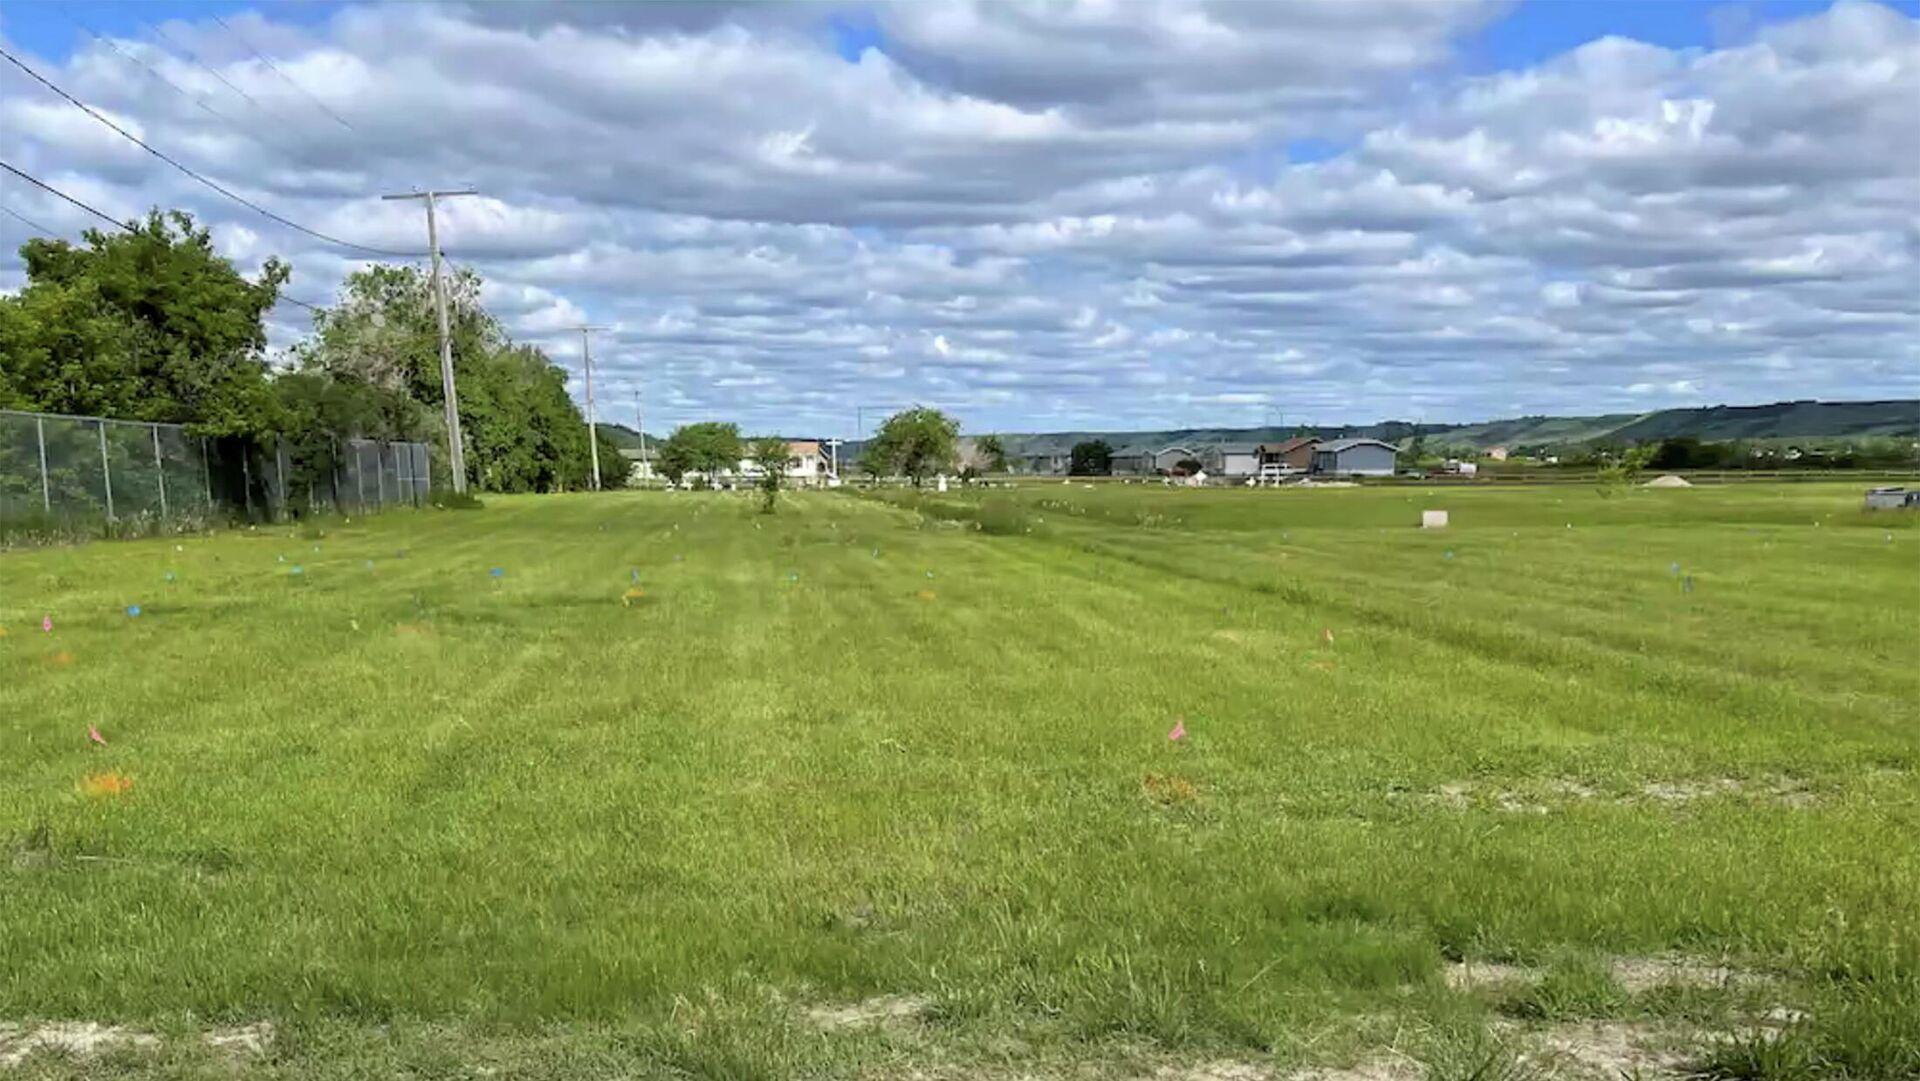 Zona de una escuela residencial indígena en Canadá donde la primera nación Cowessess de la provincia canadiense de Saskatchewan localizó 751 fosas - Sputnik Mundo, 1920, 24.06.2021